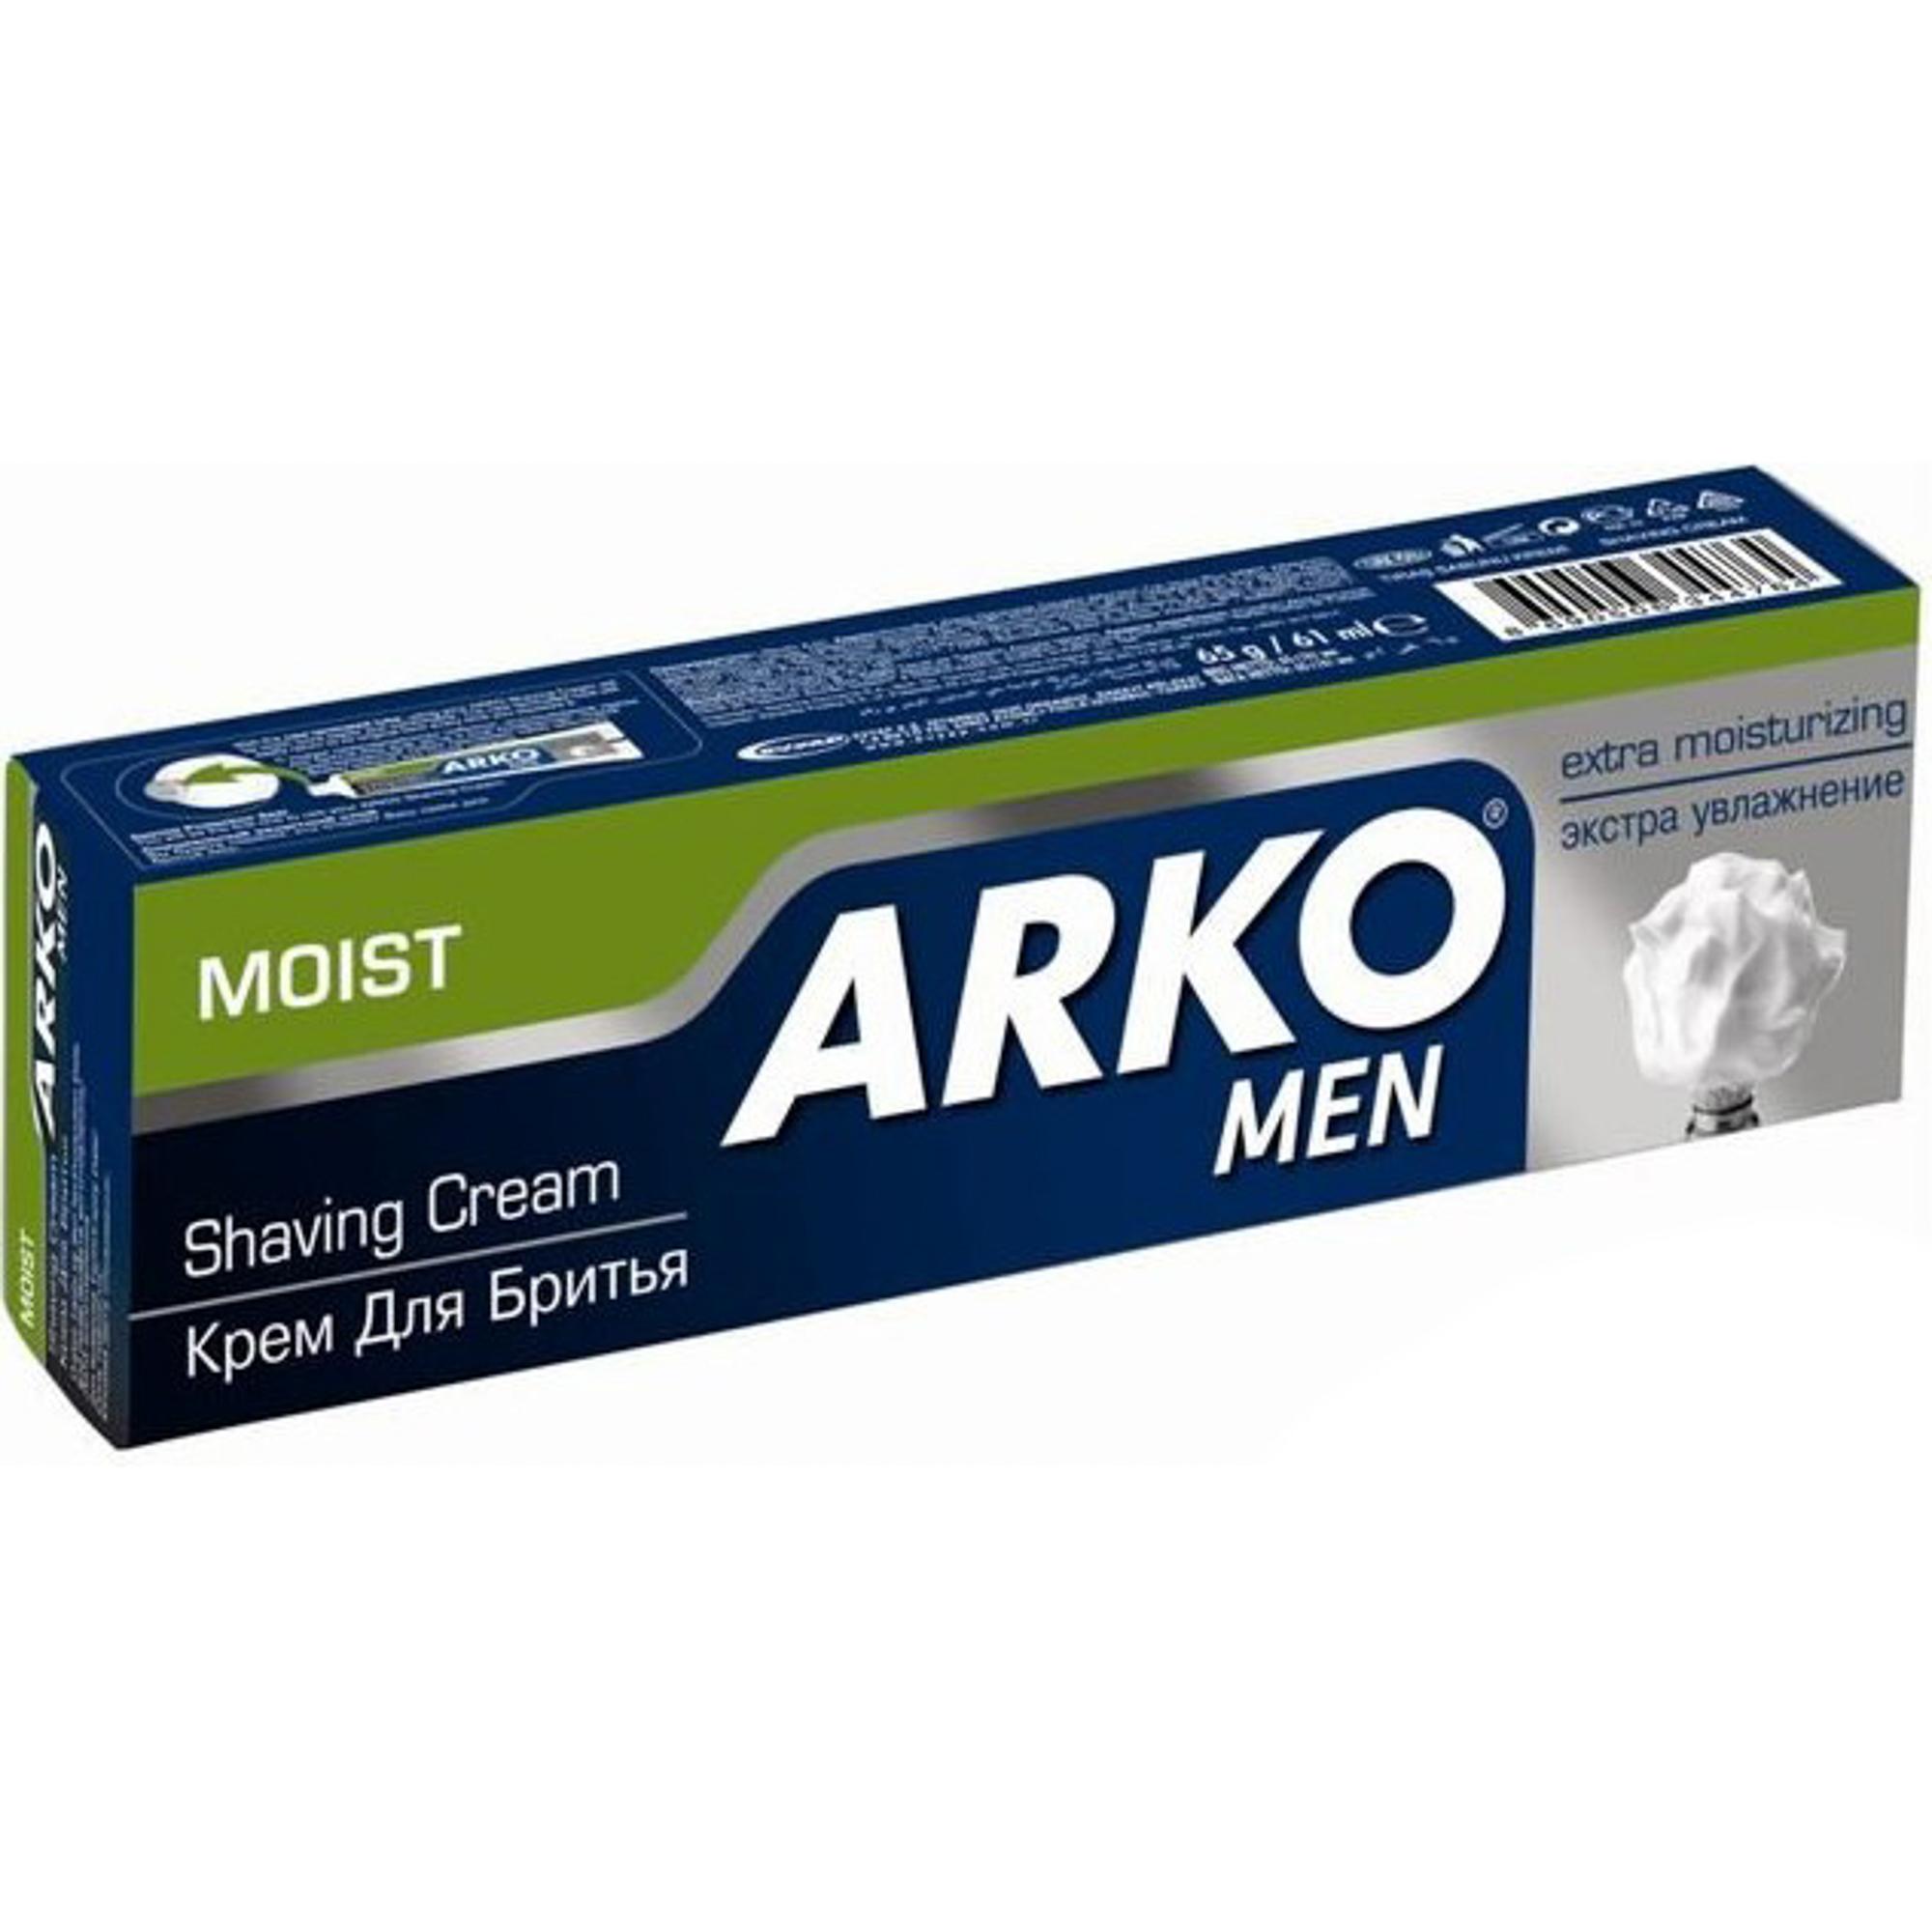 Крем для бритья ARKO Men Moist экстра увлажняющий 65 г